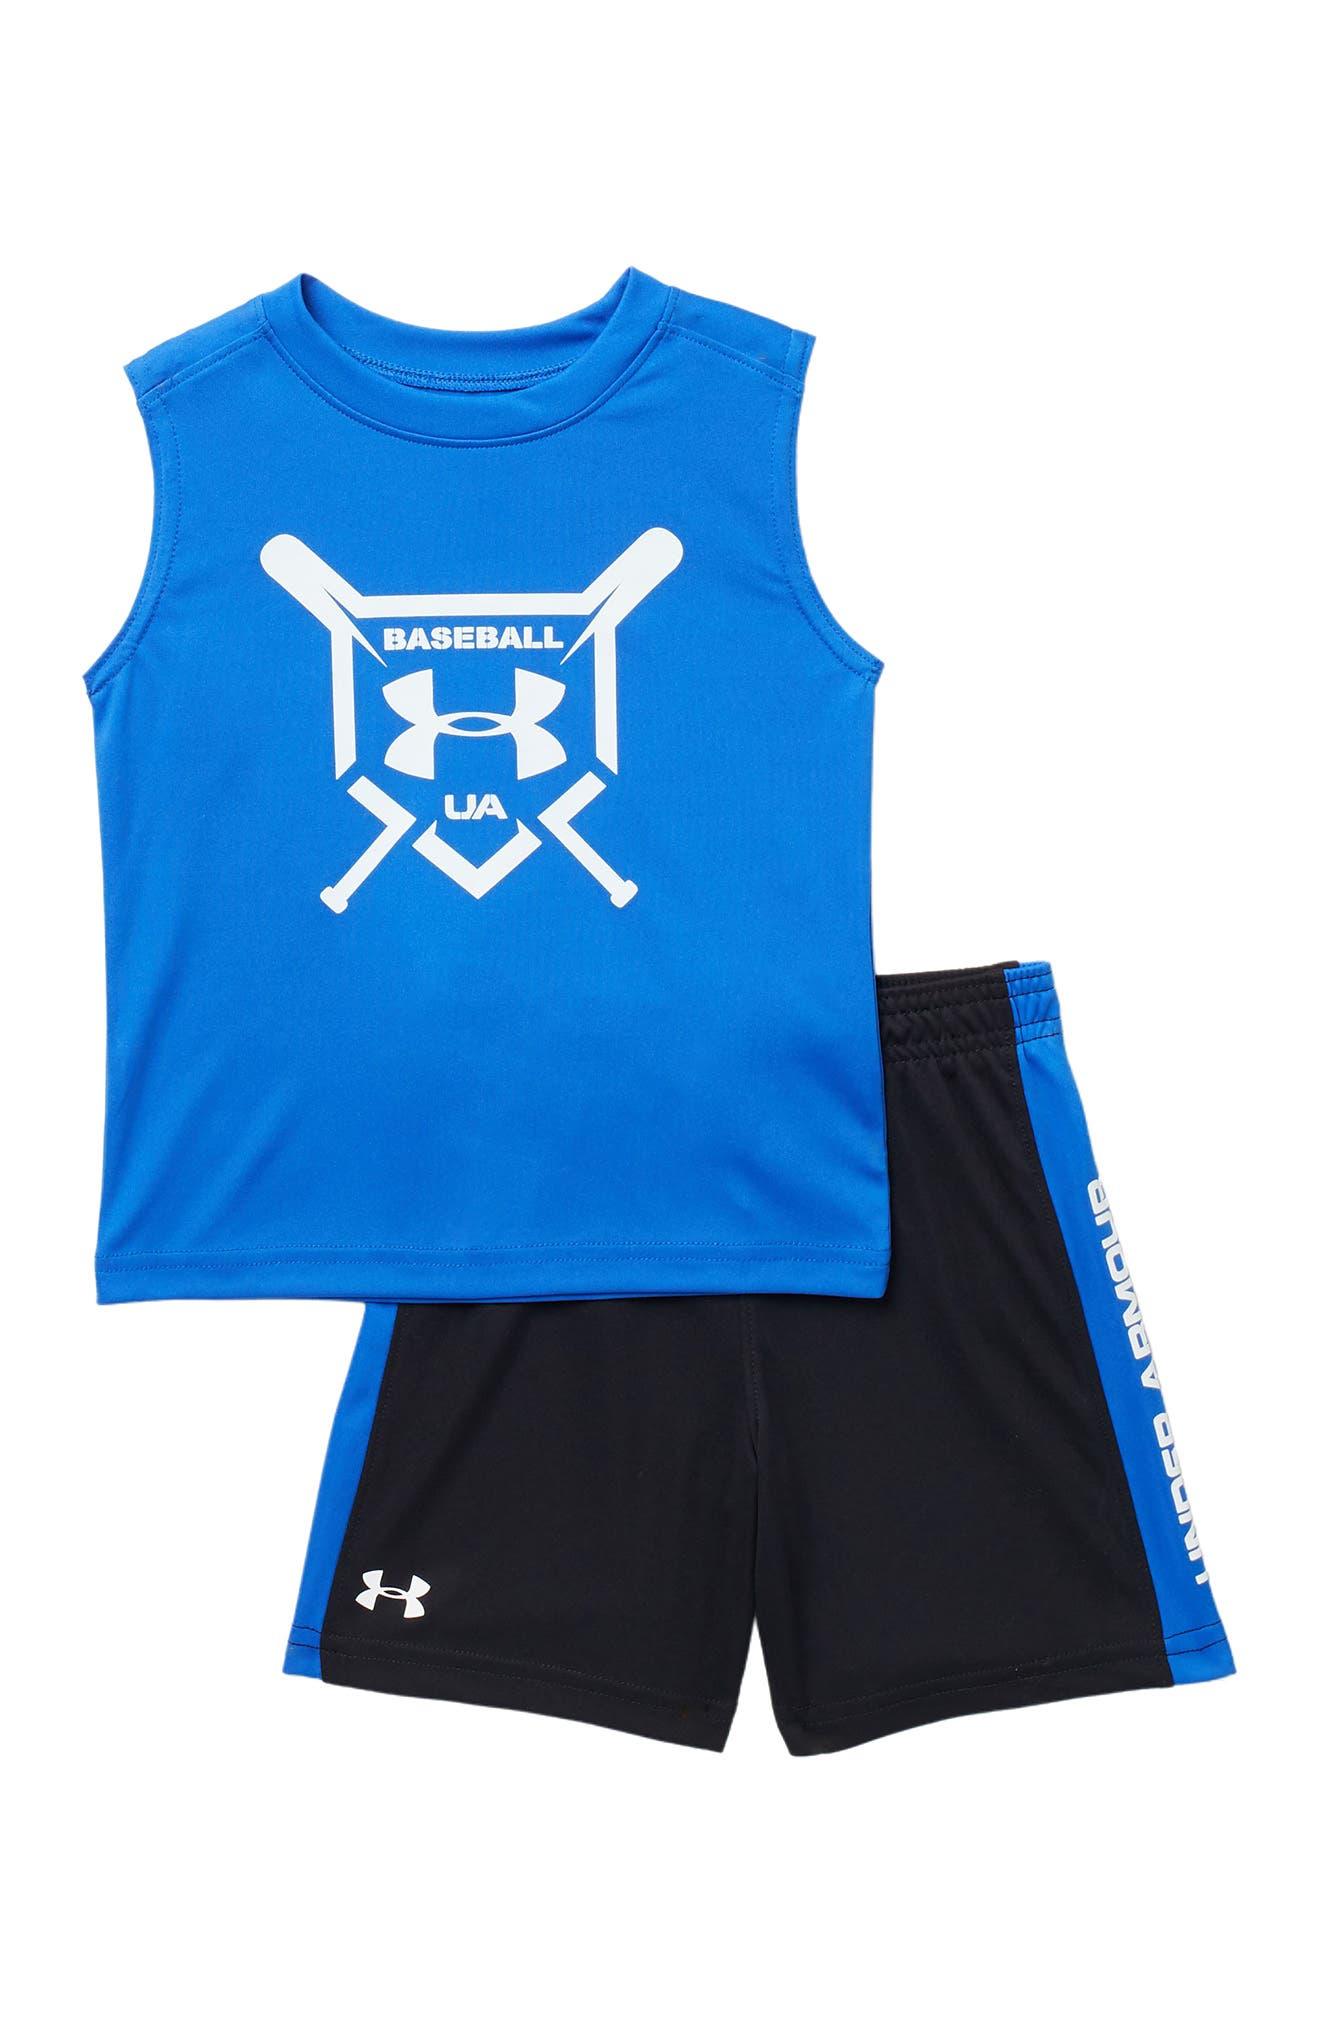 Image of Under Armour UA Baseball Squad Set